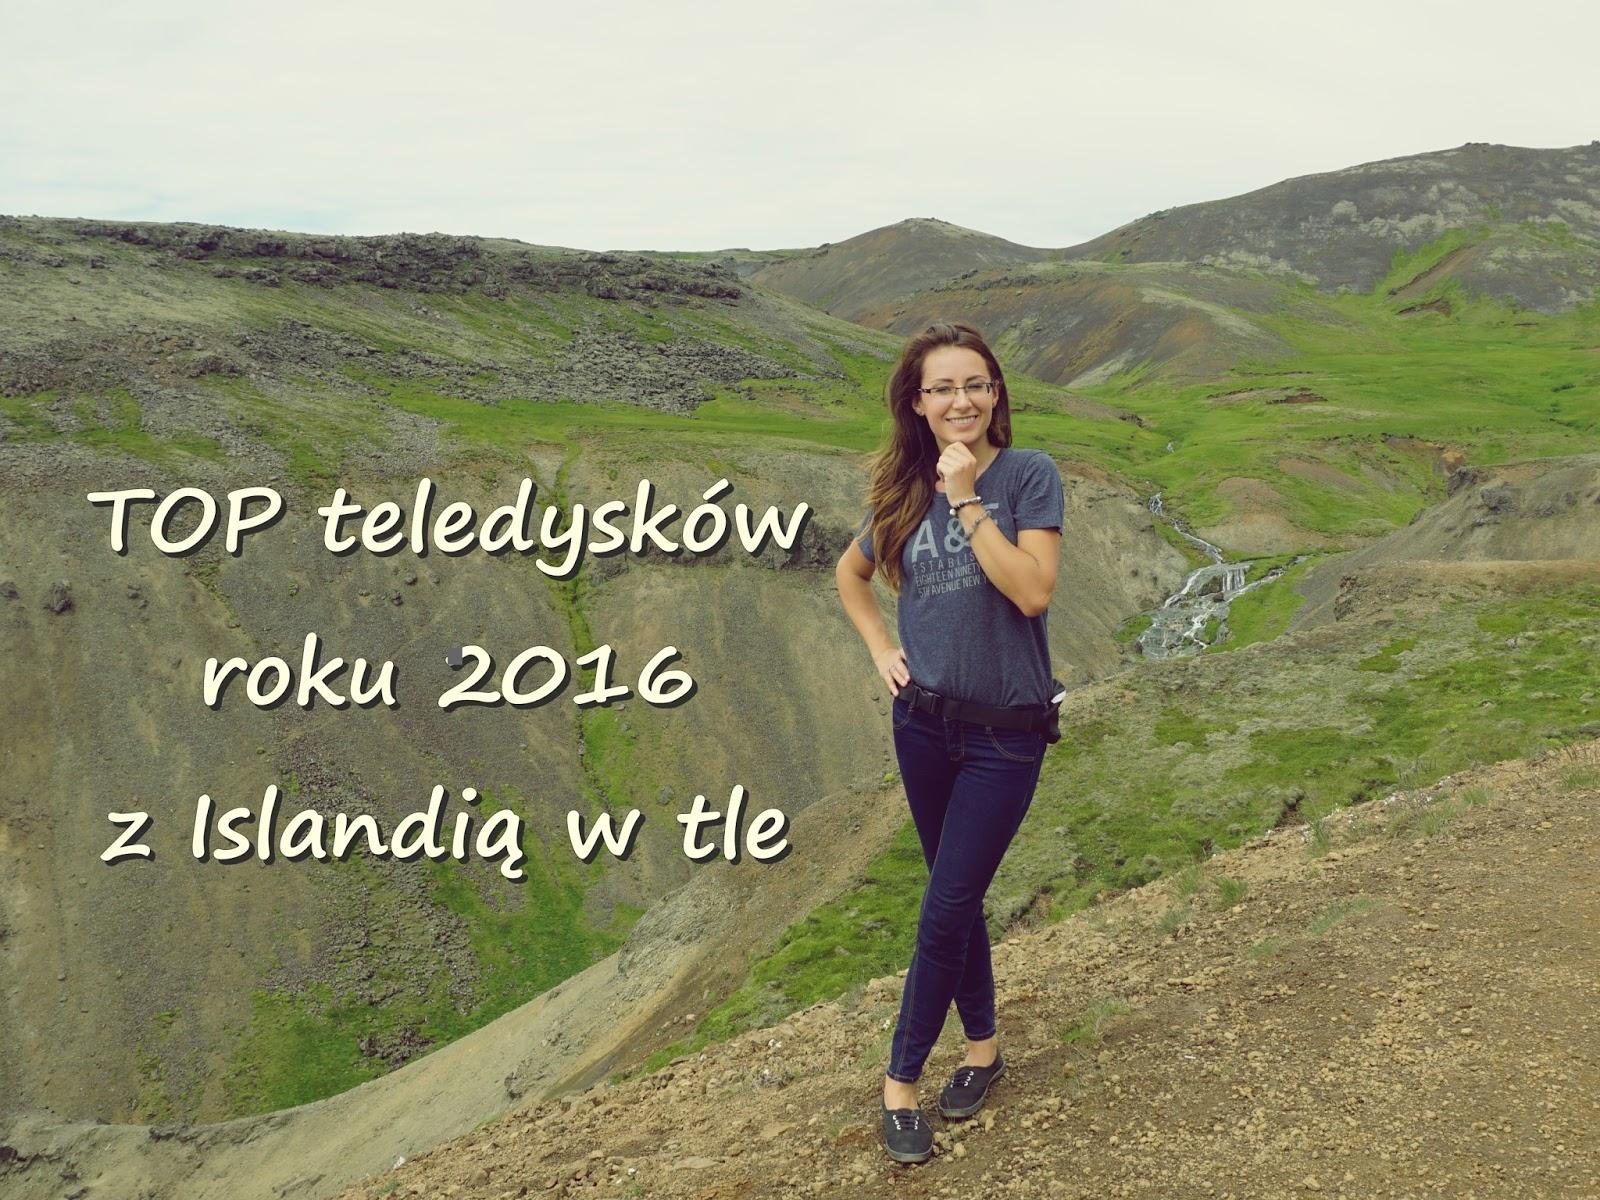 najlepsze islandzkie teledyski, panidorcia, blog o Islandii, Islandia